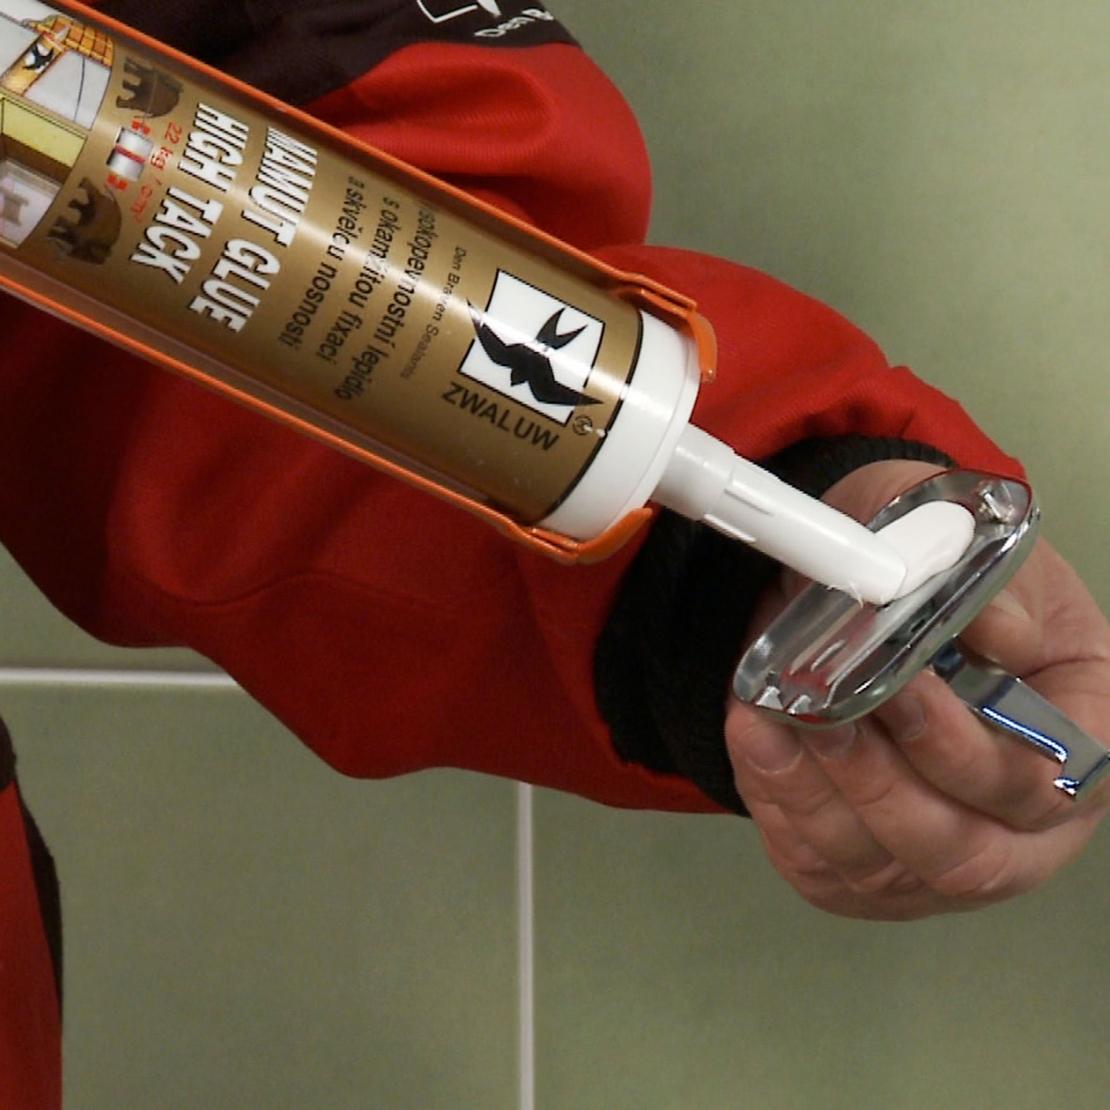 Bostik DIY Greece Grab Adhesives Mamut Glue High Tack Generic-4